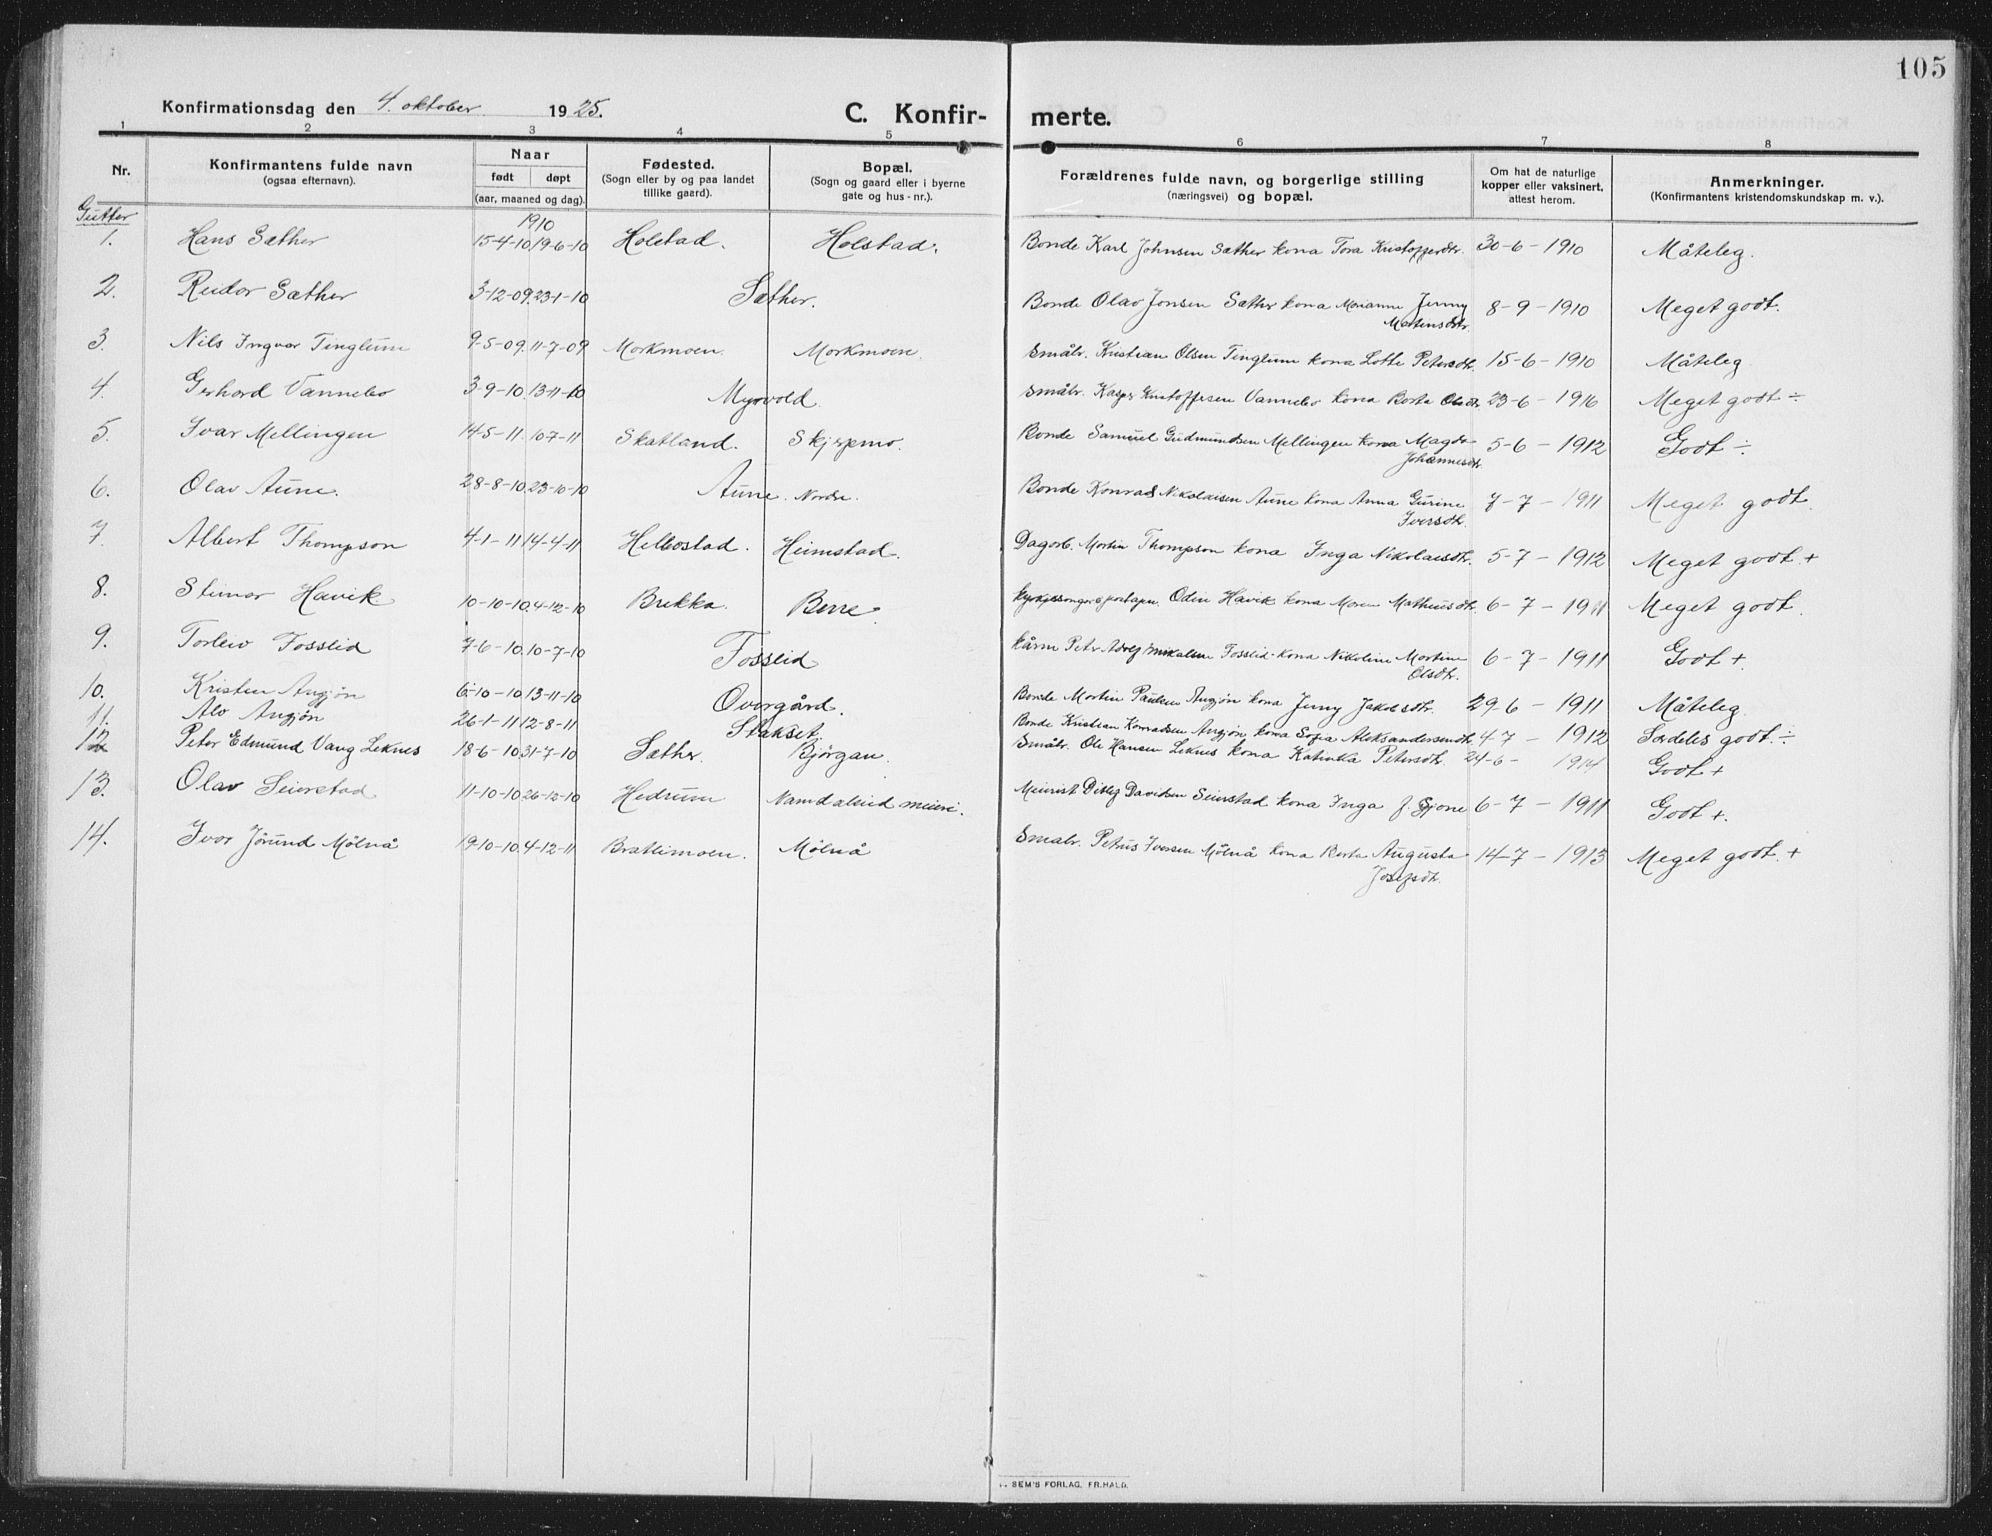 SAT, Ministerialprotokoller, klokkerbøker og fødselsregistre - Nord-Trøndelag, 742/L0413: Klokkerbok nr. 742C04, 1911-1938, s. 105